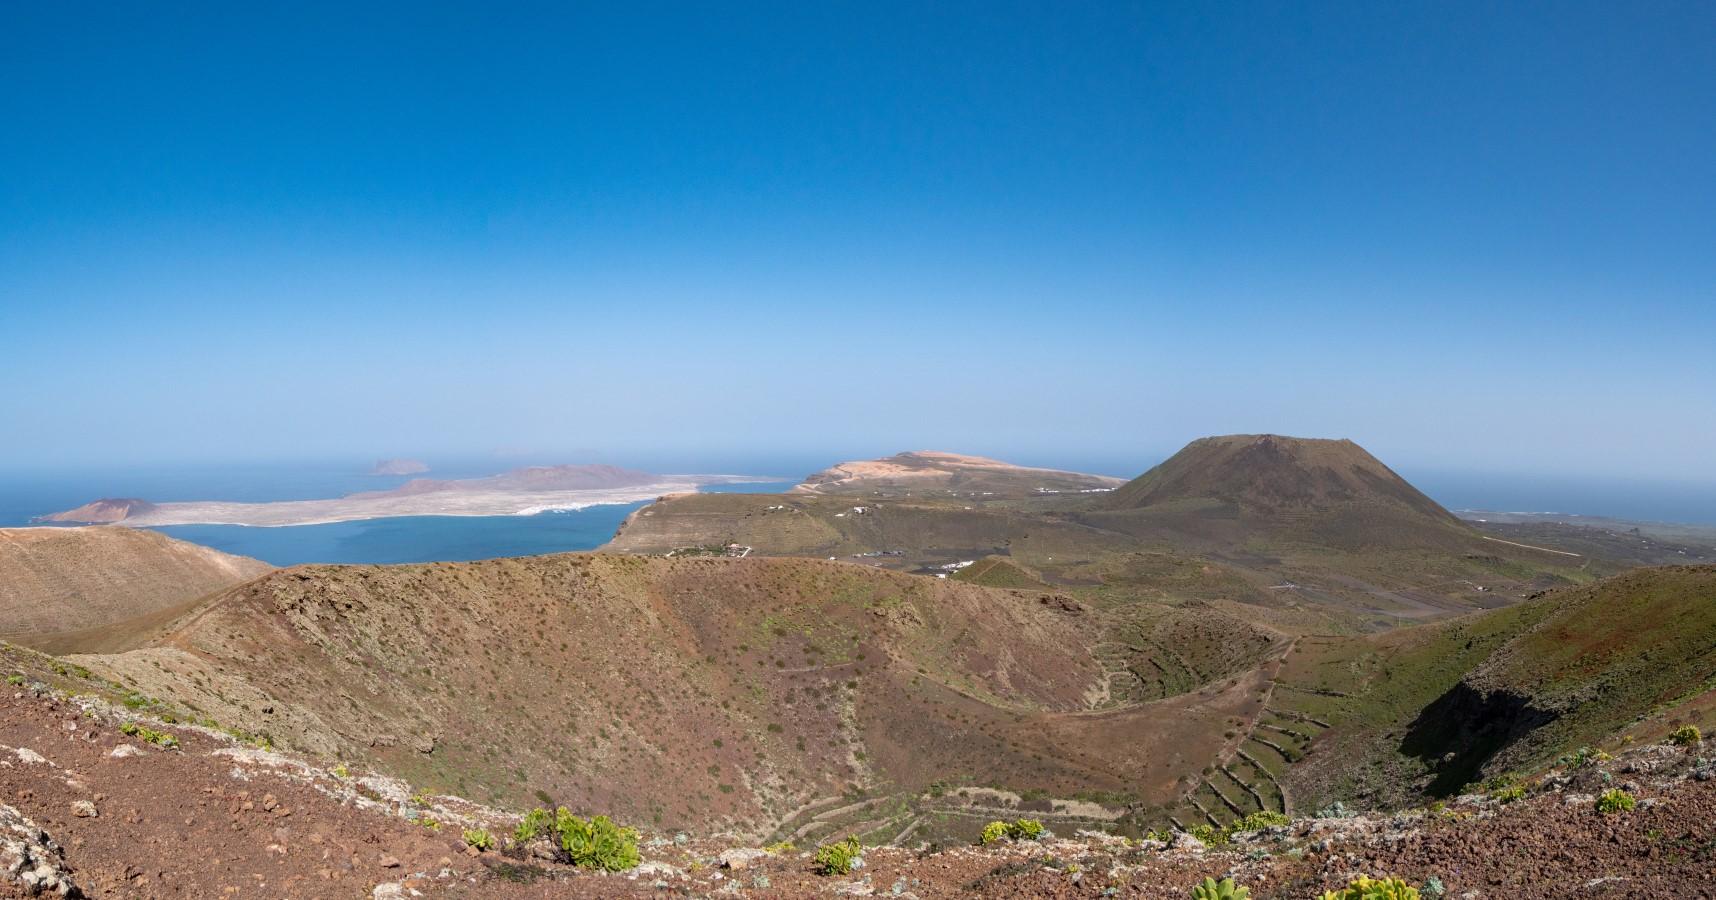 Blick vom Gipfel des Los Helechos über den Doppelkessel zur Insel La Graciosa, zum Mirador del Río und zur Monte Corona